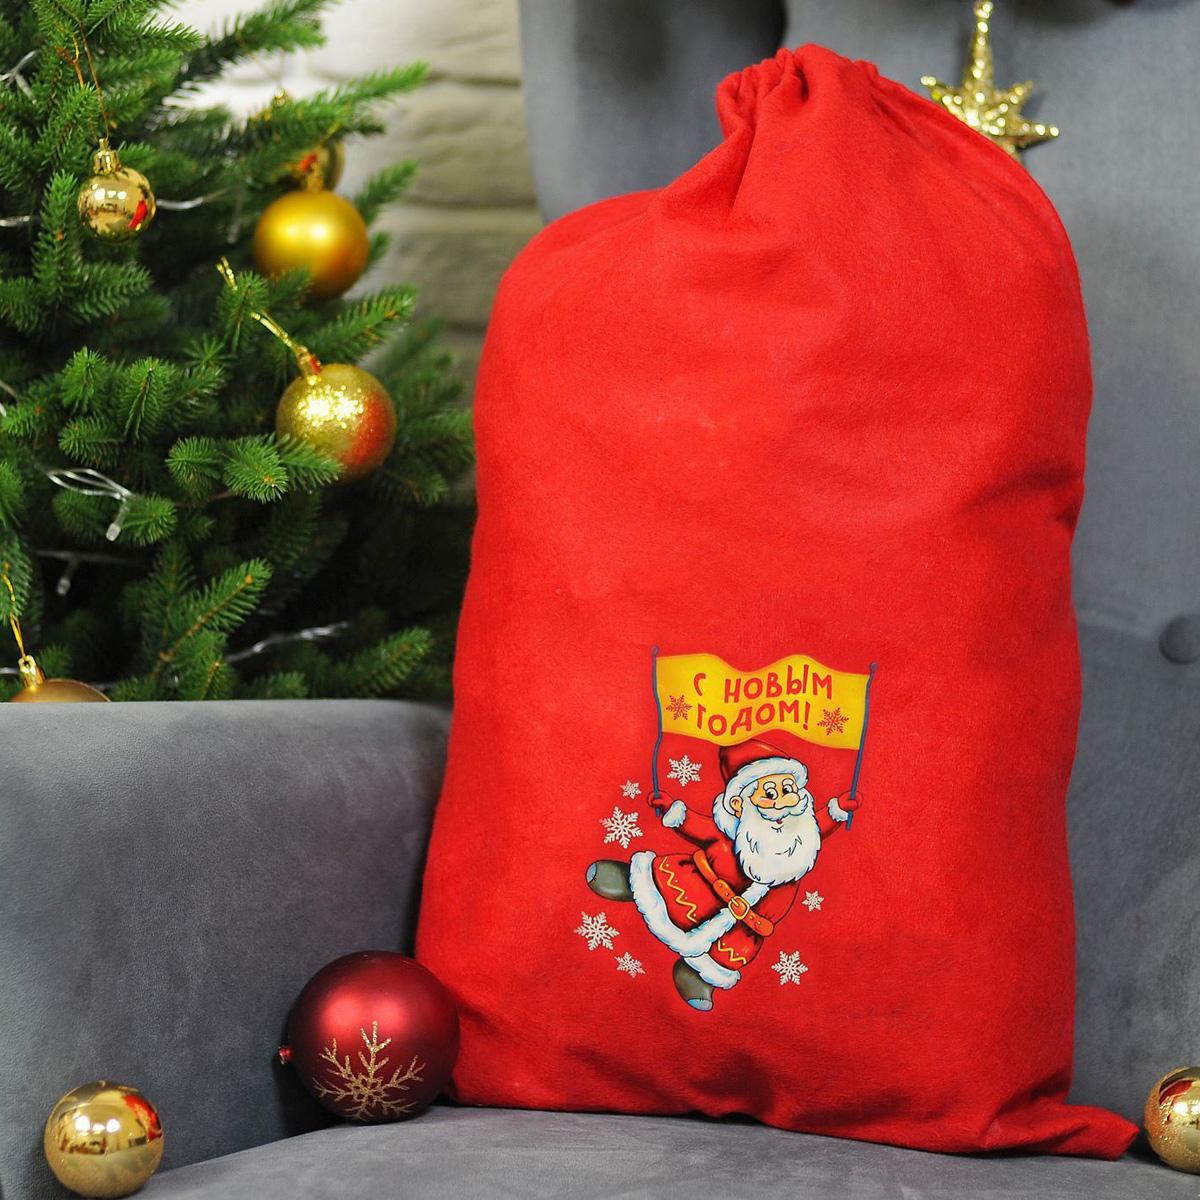 Упаковка подарочная Страна Карнавалия Мешок Деда Мороза. С Новым Годом. Дедушка мороз, 60 х 90 см1365014Невозможно представить нашу жизнь без праздников! Мы всегда ждем их и предвкушаем, обдумываем, как проведем памятный день, тщательно выбираем подарки и аксессуары, ведь именно они создают и поддерживают торжественный настрой. Мешок — это отличный выбор, который привнесет атмосферу праздника в ваш дом!